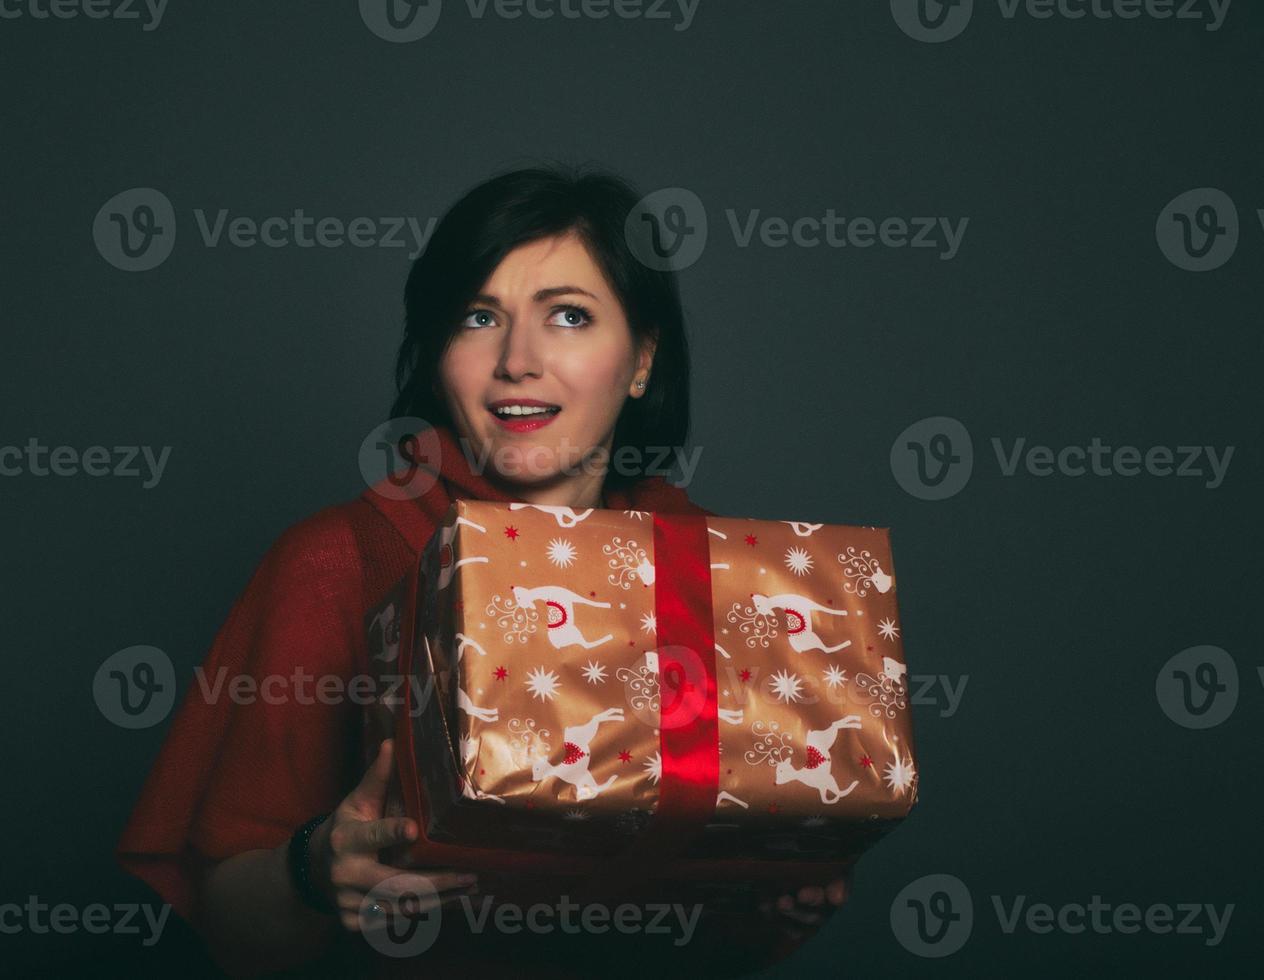 jonge vrouw die vroeg welk cadeau ze kreeg. foto